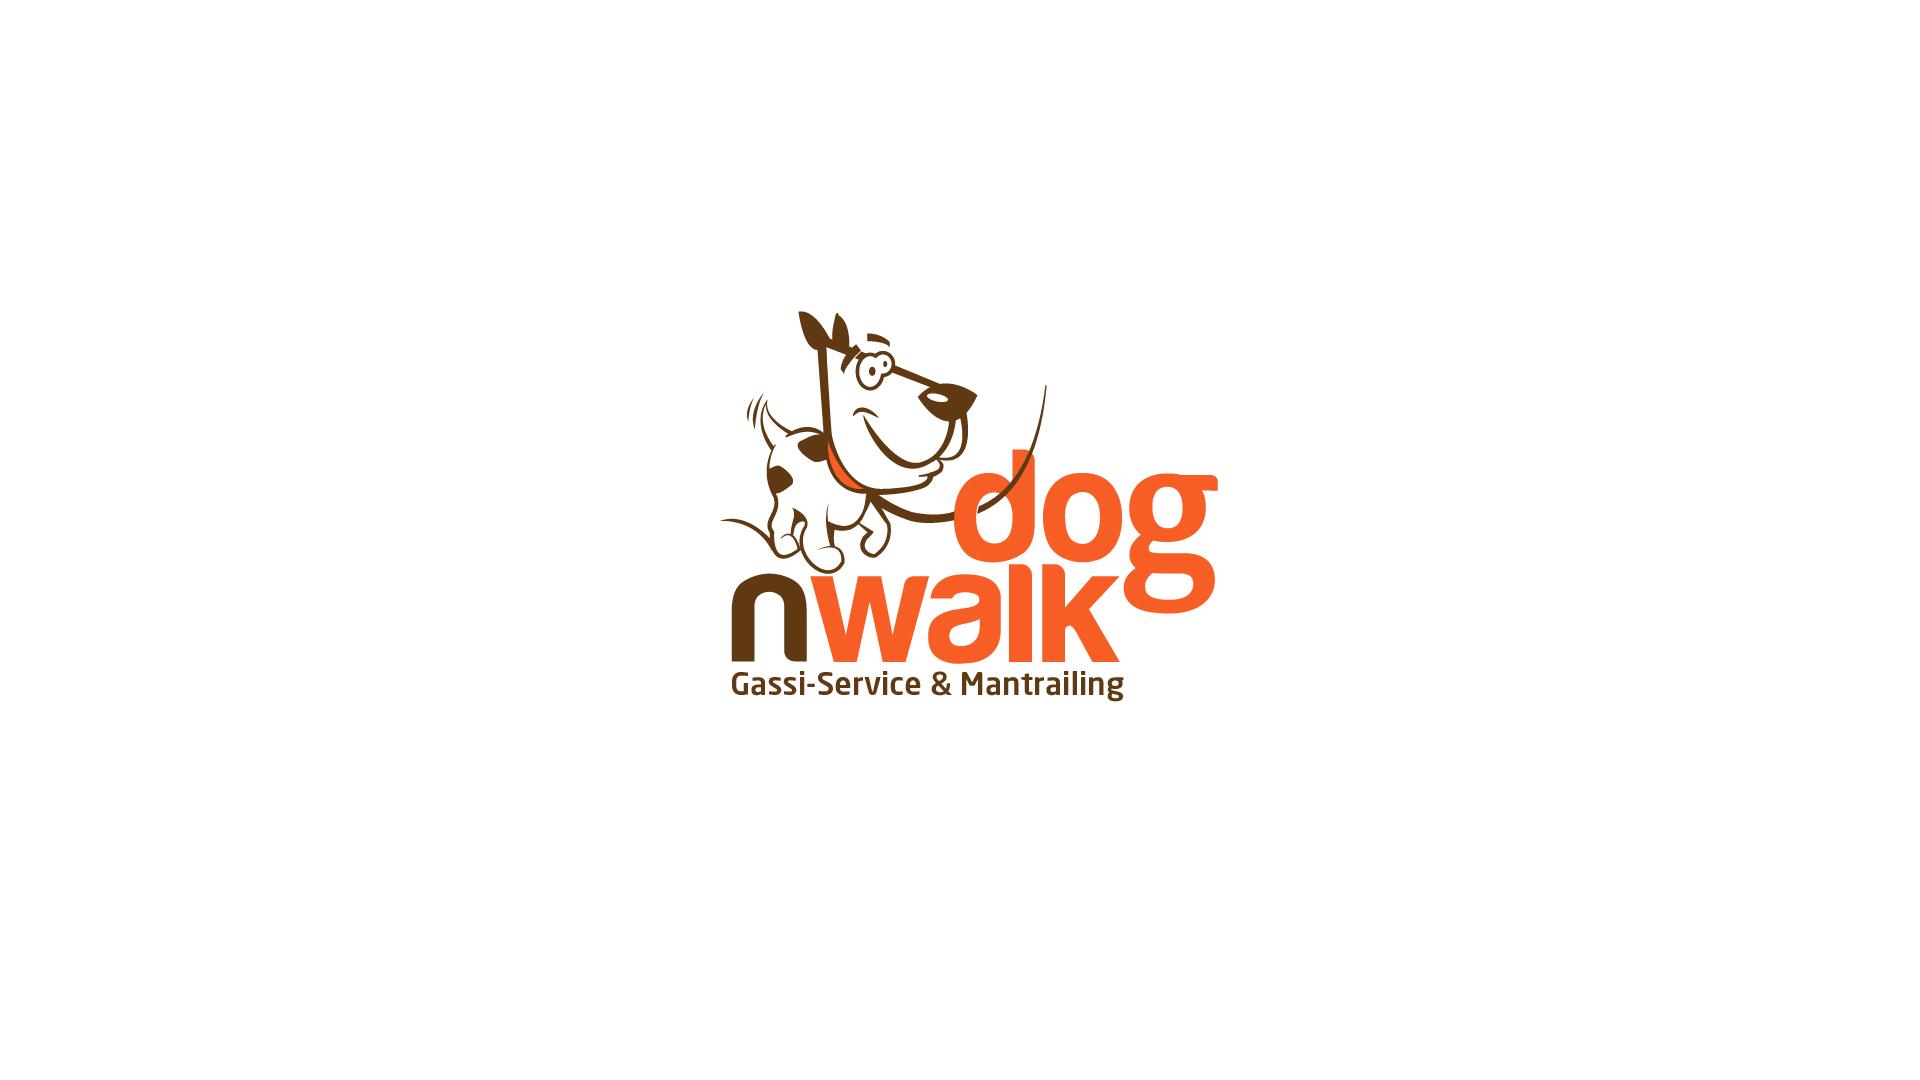 Dognwalk - Gassi-Service & Mantrailing sucht DAS Logo